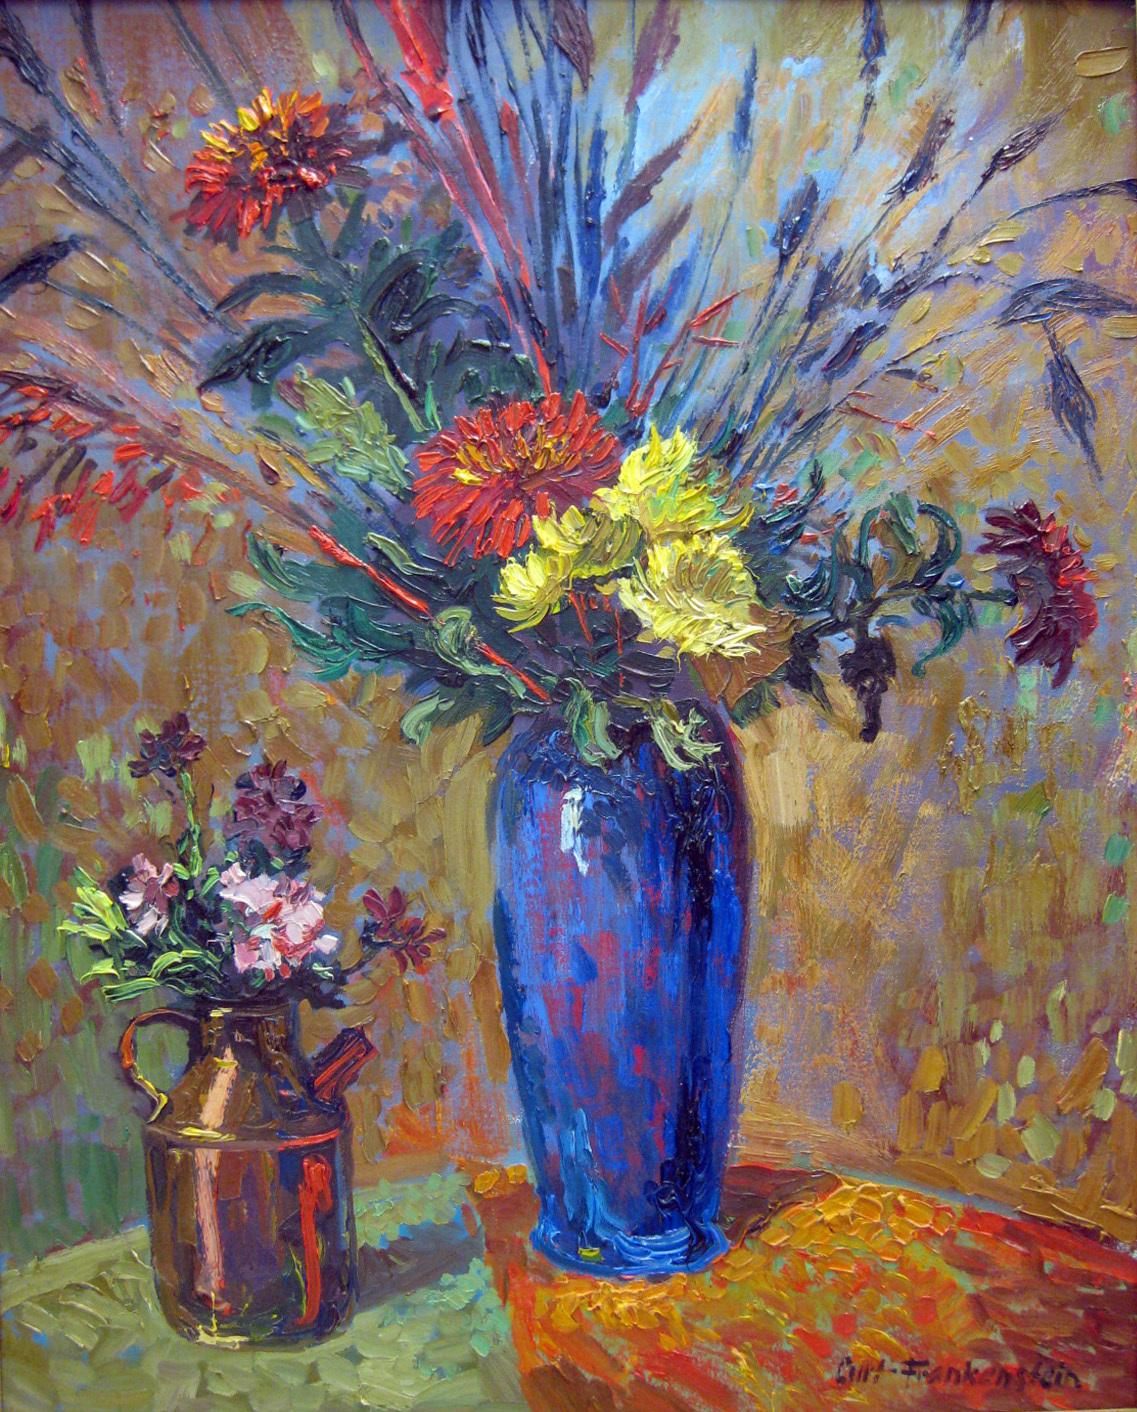 Frankenstein, Curt - Blue Chrysanthemums